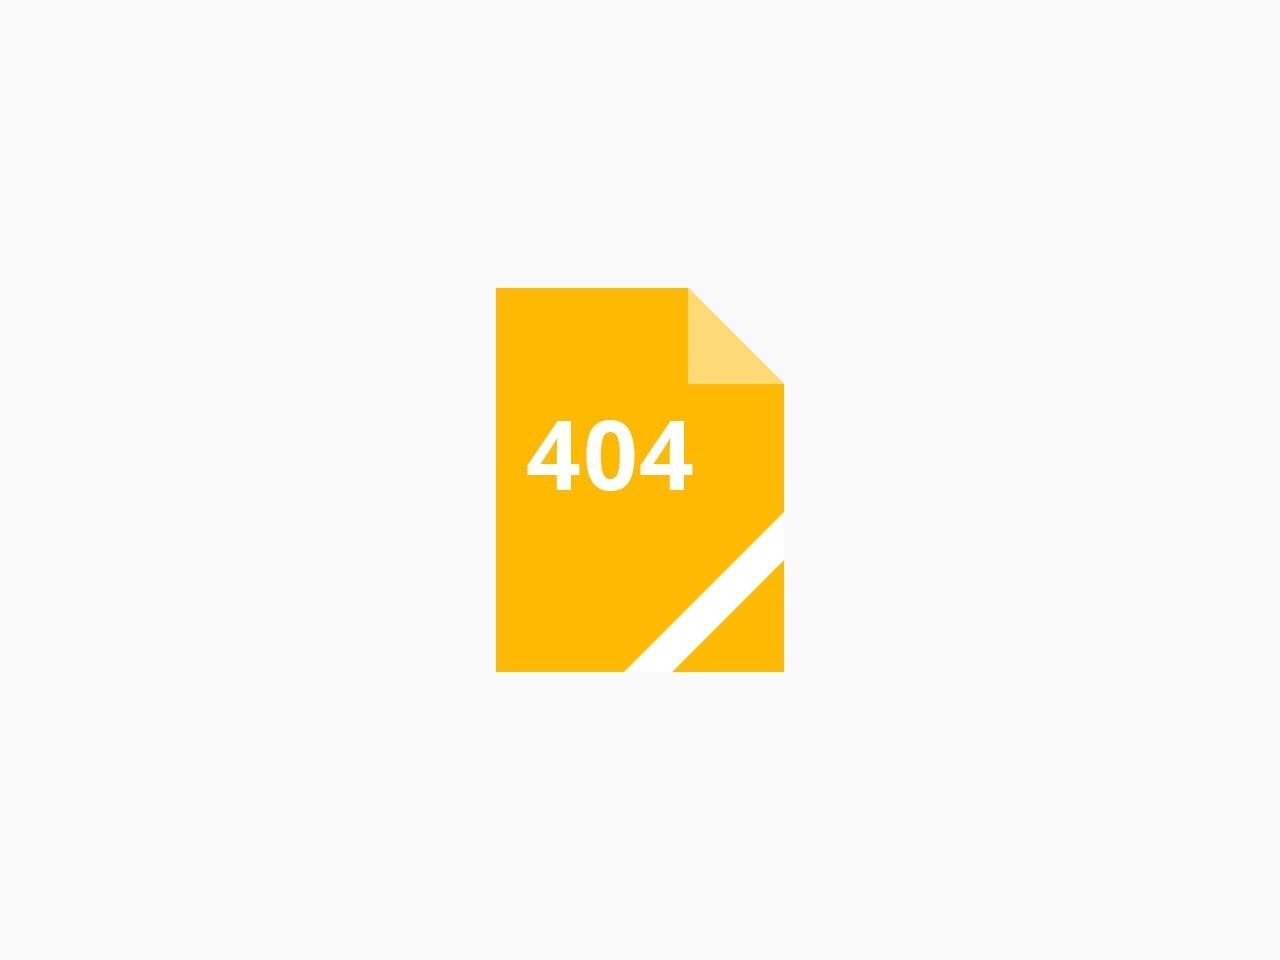 有限会社 マルサン 児玉酒店 黒川温泉近く 豊富なお酒 夜九時まで営業 各種あります。